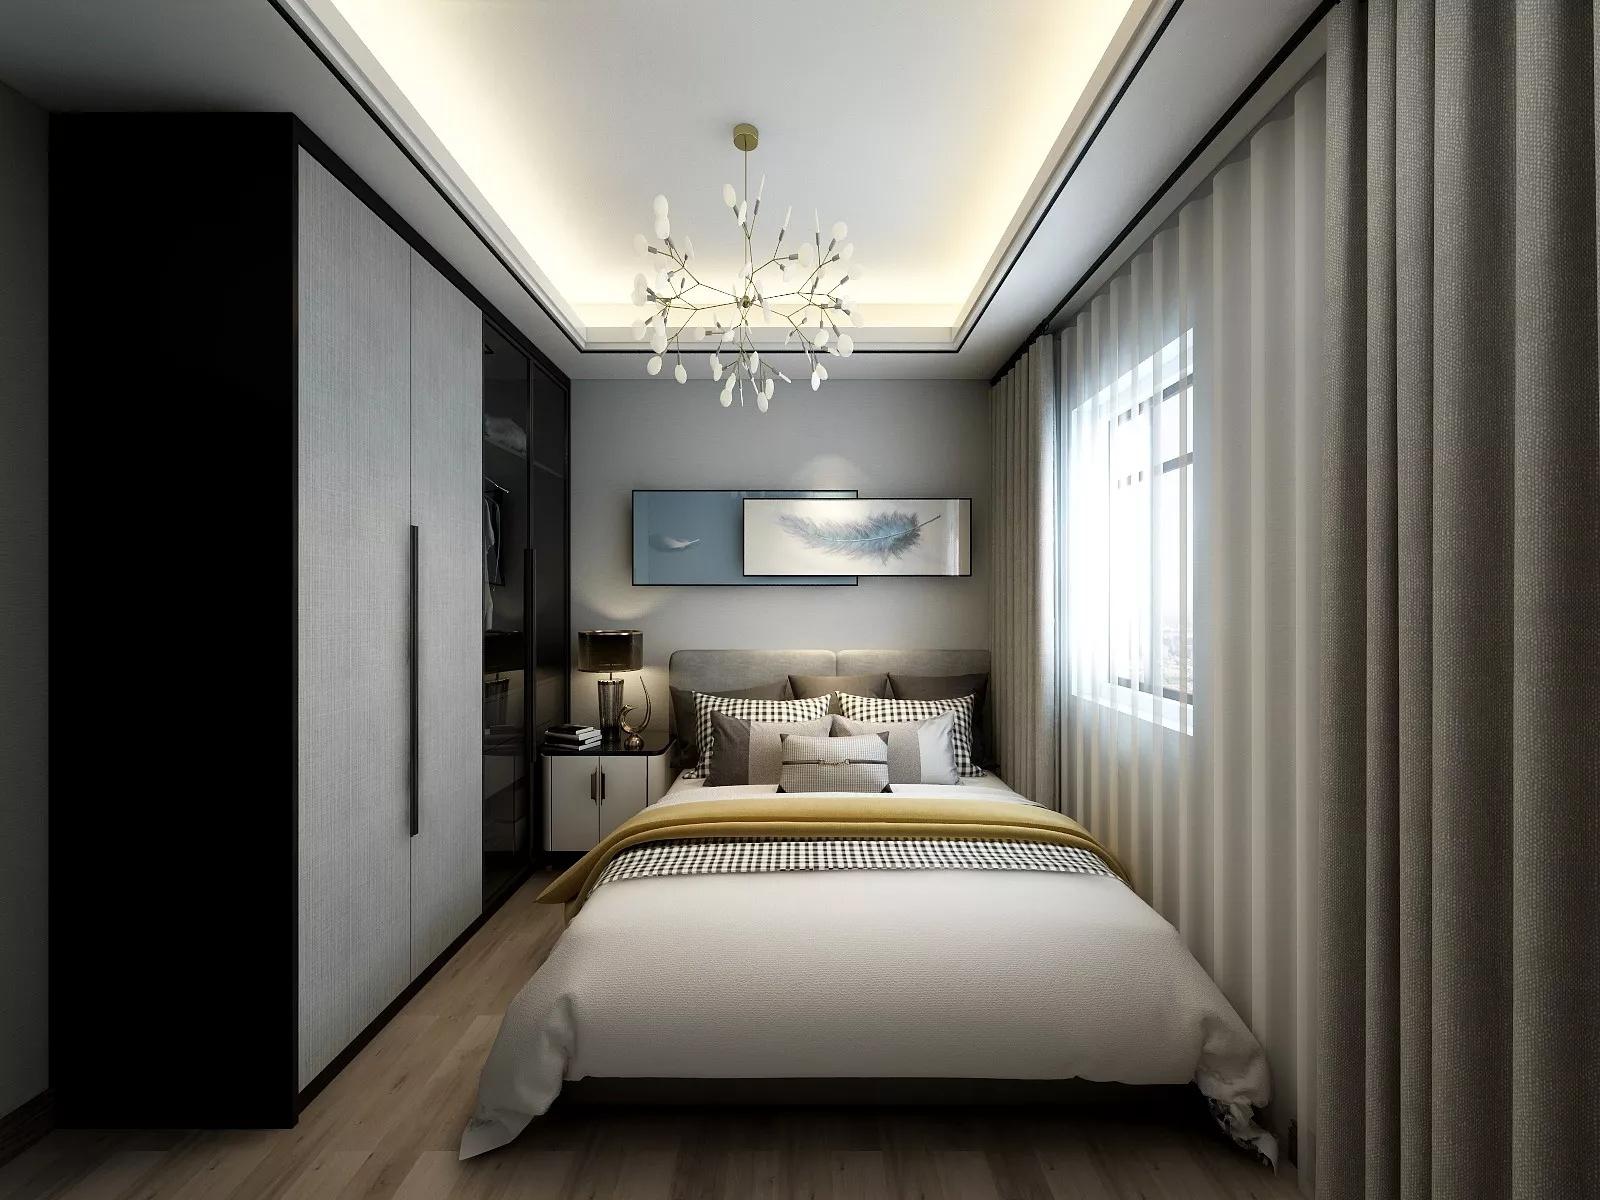 100㎡清新美式风格简单舒适的客厅装修效果图